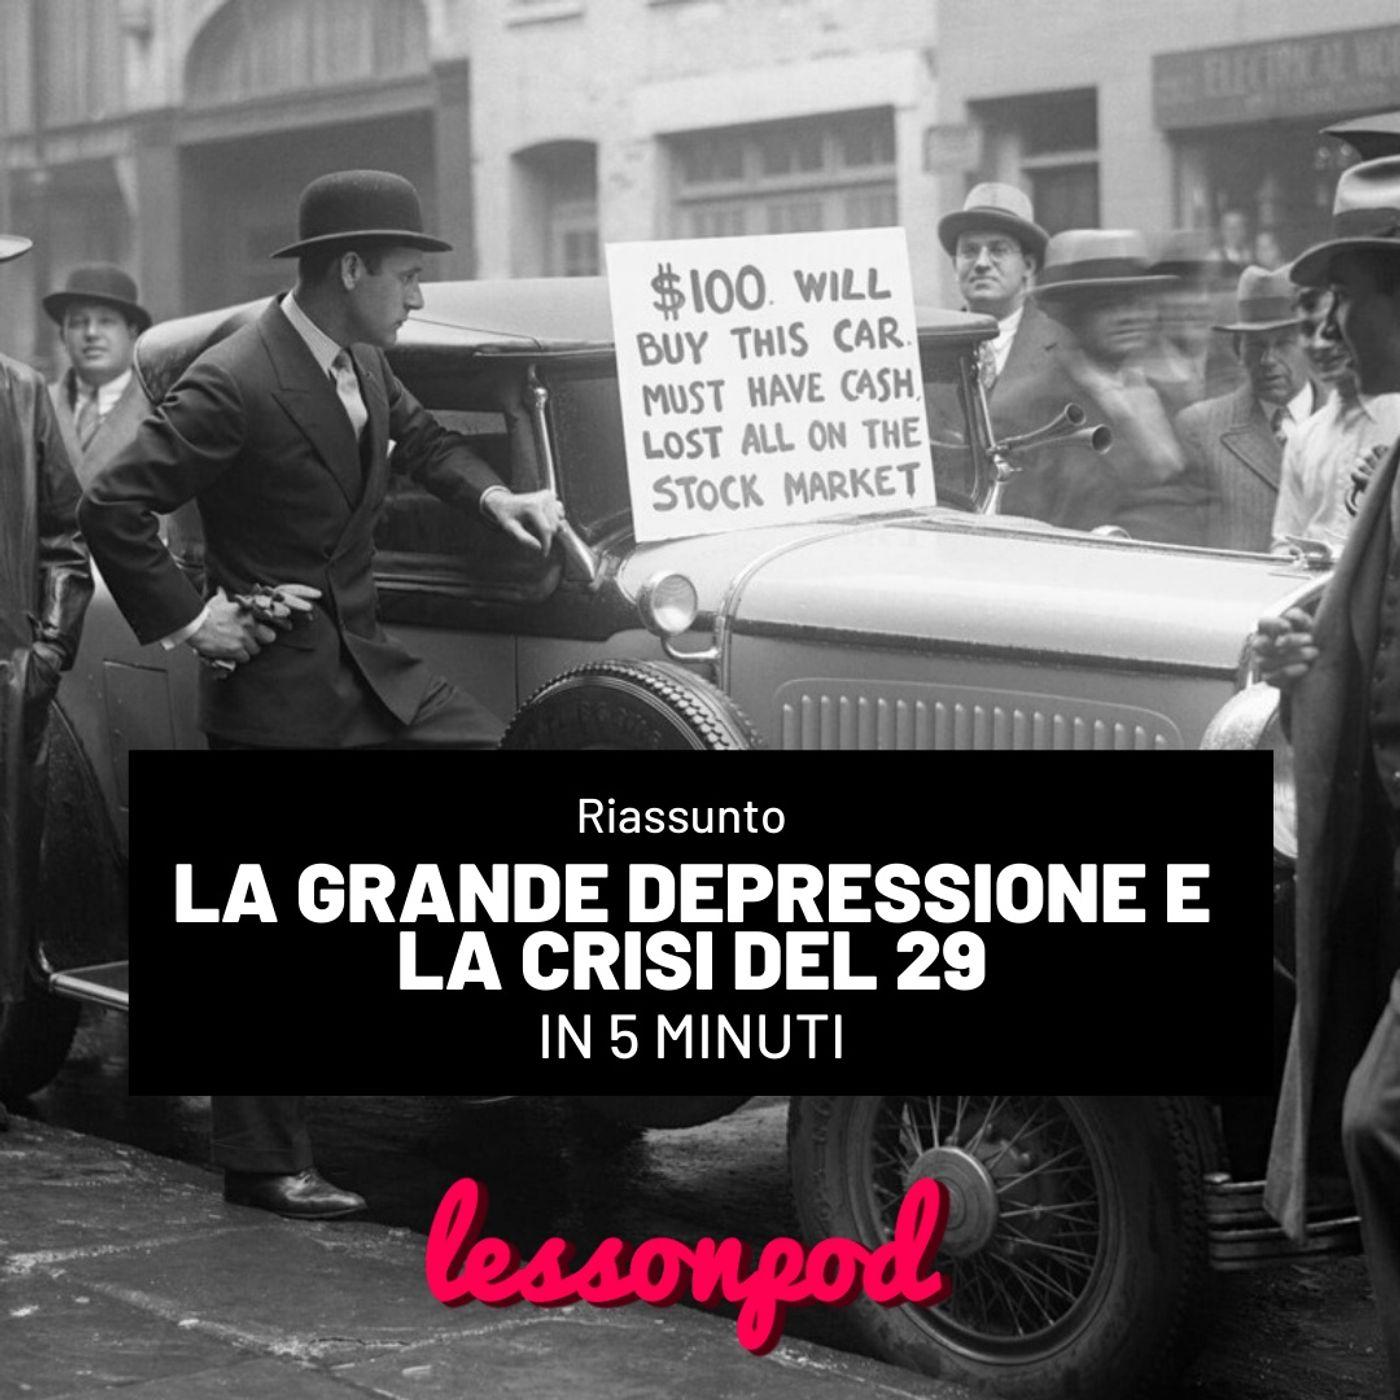 La Grande Depressione e la Crisi del 29 in 5 minuti